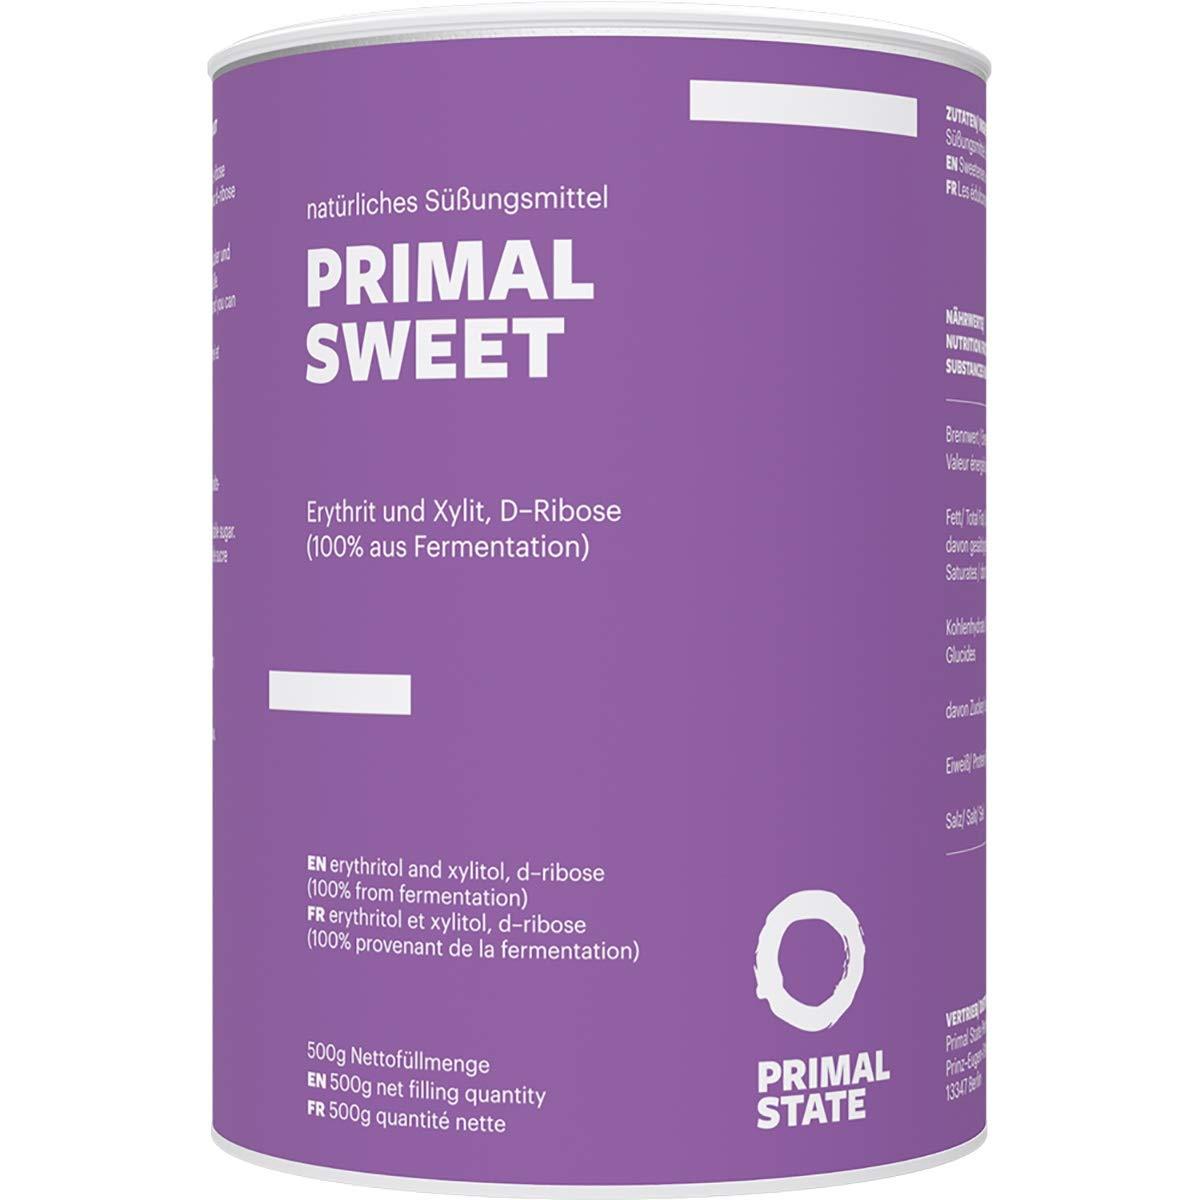 Natürlicher Zuckerersatz | mit Xylit & Erythrit & Ribose | kalorienreduzierte Zuckeralternative | vegan, glutenfrei & zahnfreundlich | 500g Dose